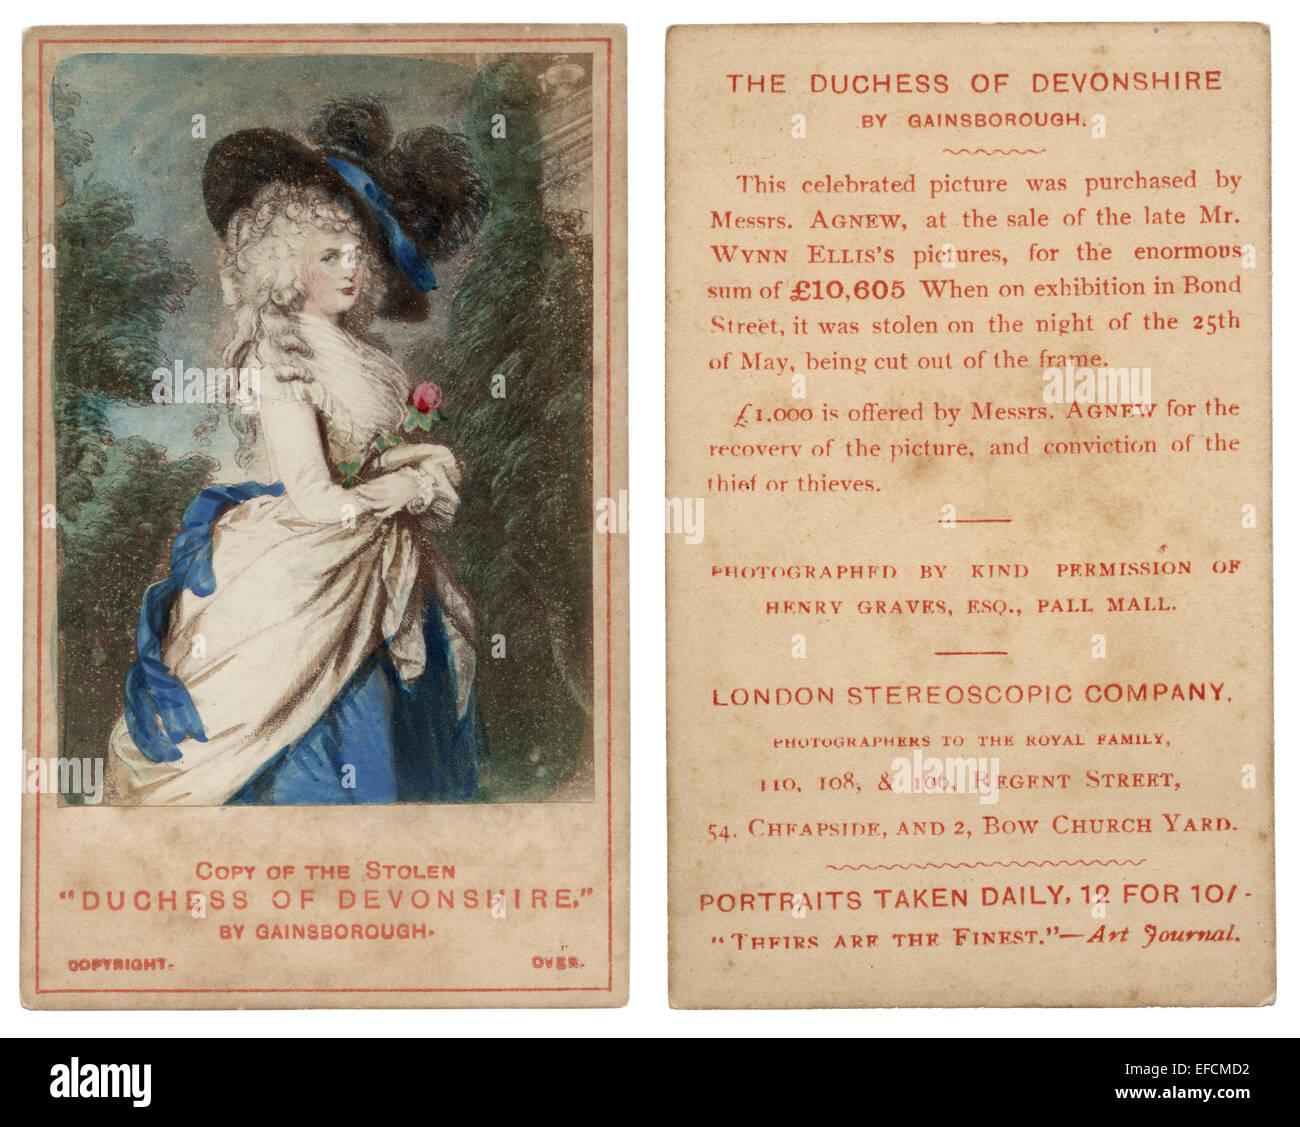 Vorder Und Ruckseite Einer Hand Getont Carte De Visite Kundigt Eine Belohnung Fur Das Gestohlene Gemalde Von Thomas Gainsborough Der Herzogin